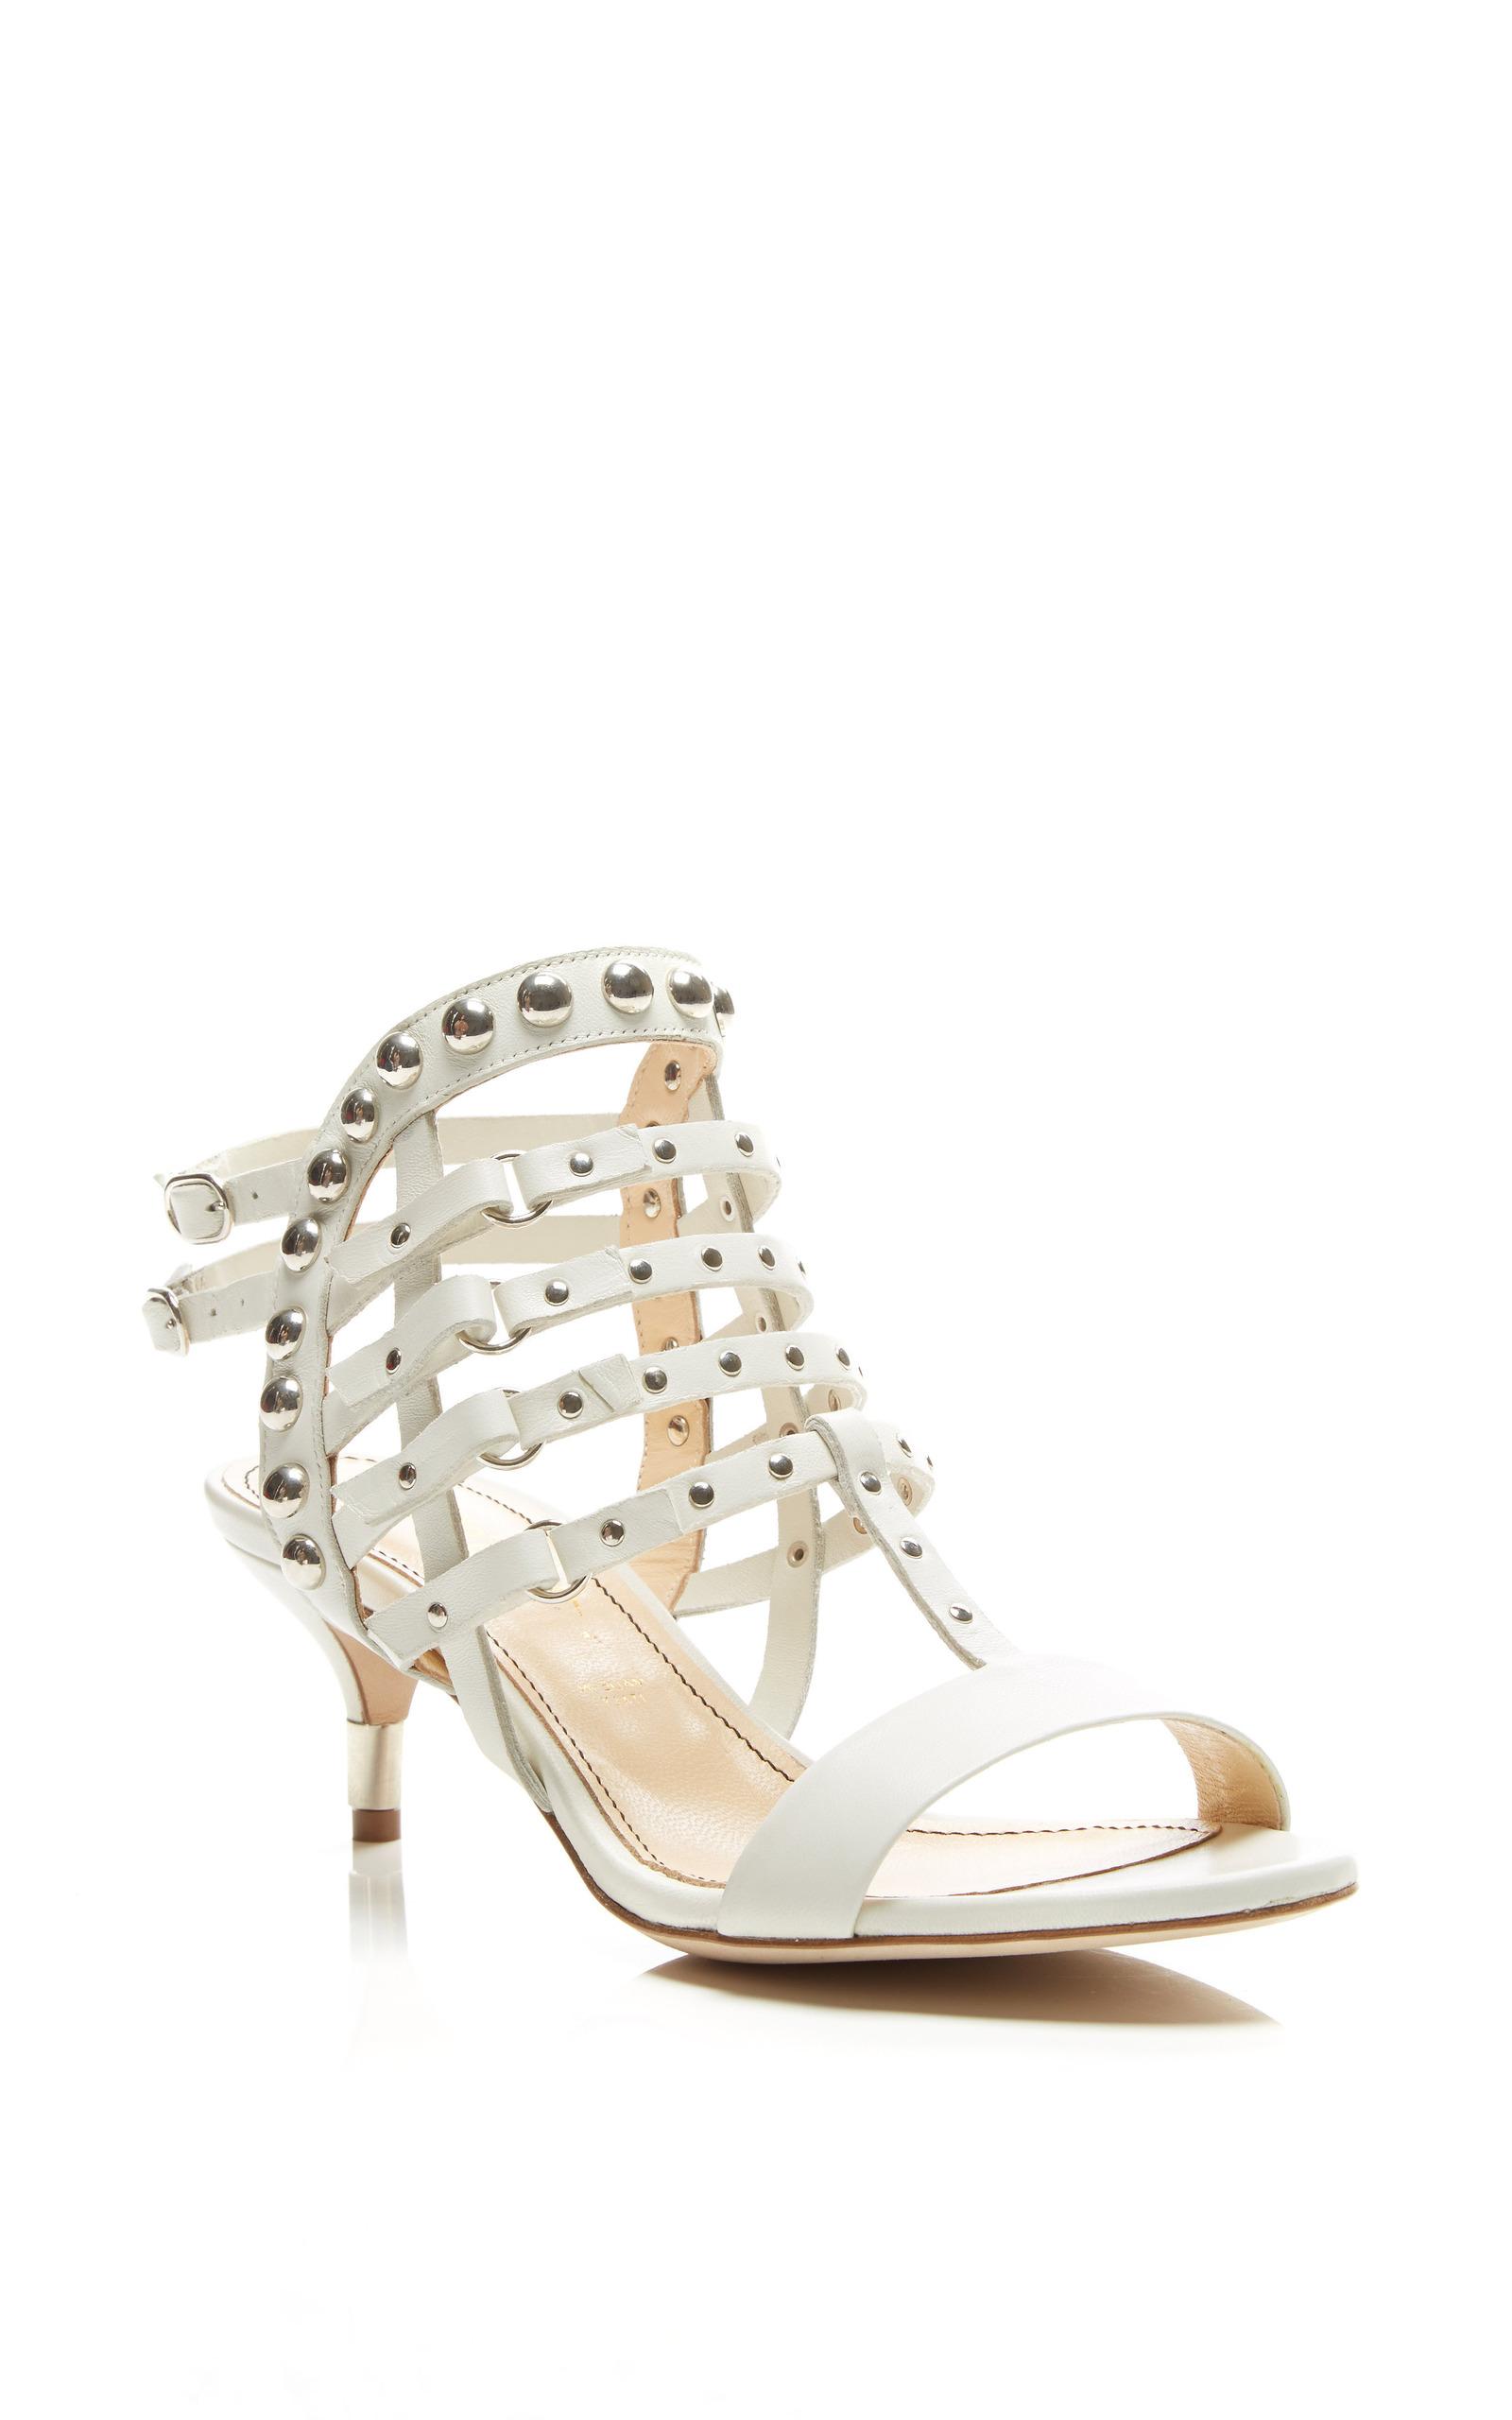 1427ed3b959 Jerome C. RousseauCamden Kitten Heel Sandal In White. CLOSE. Loading.  Loading